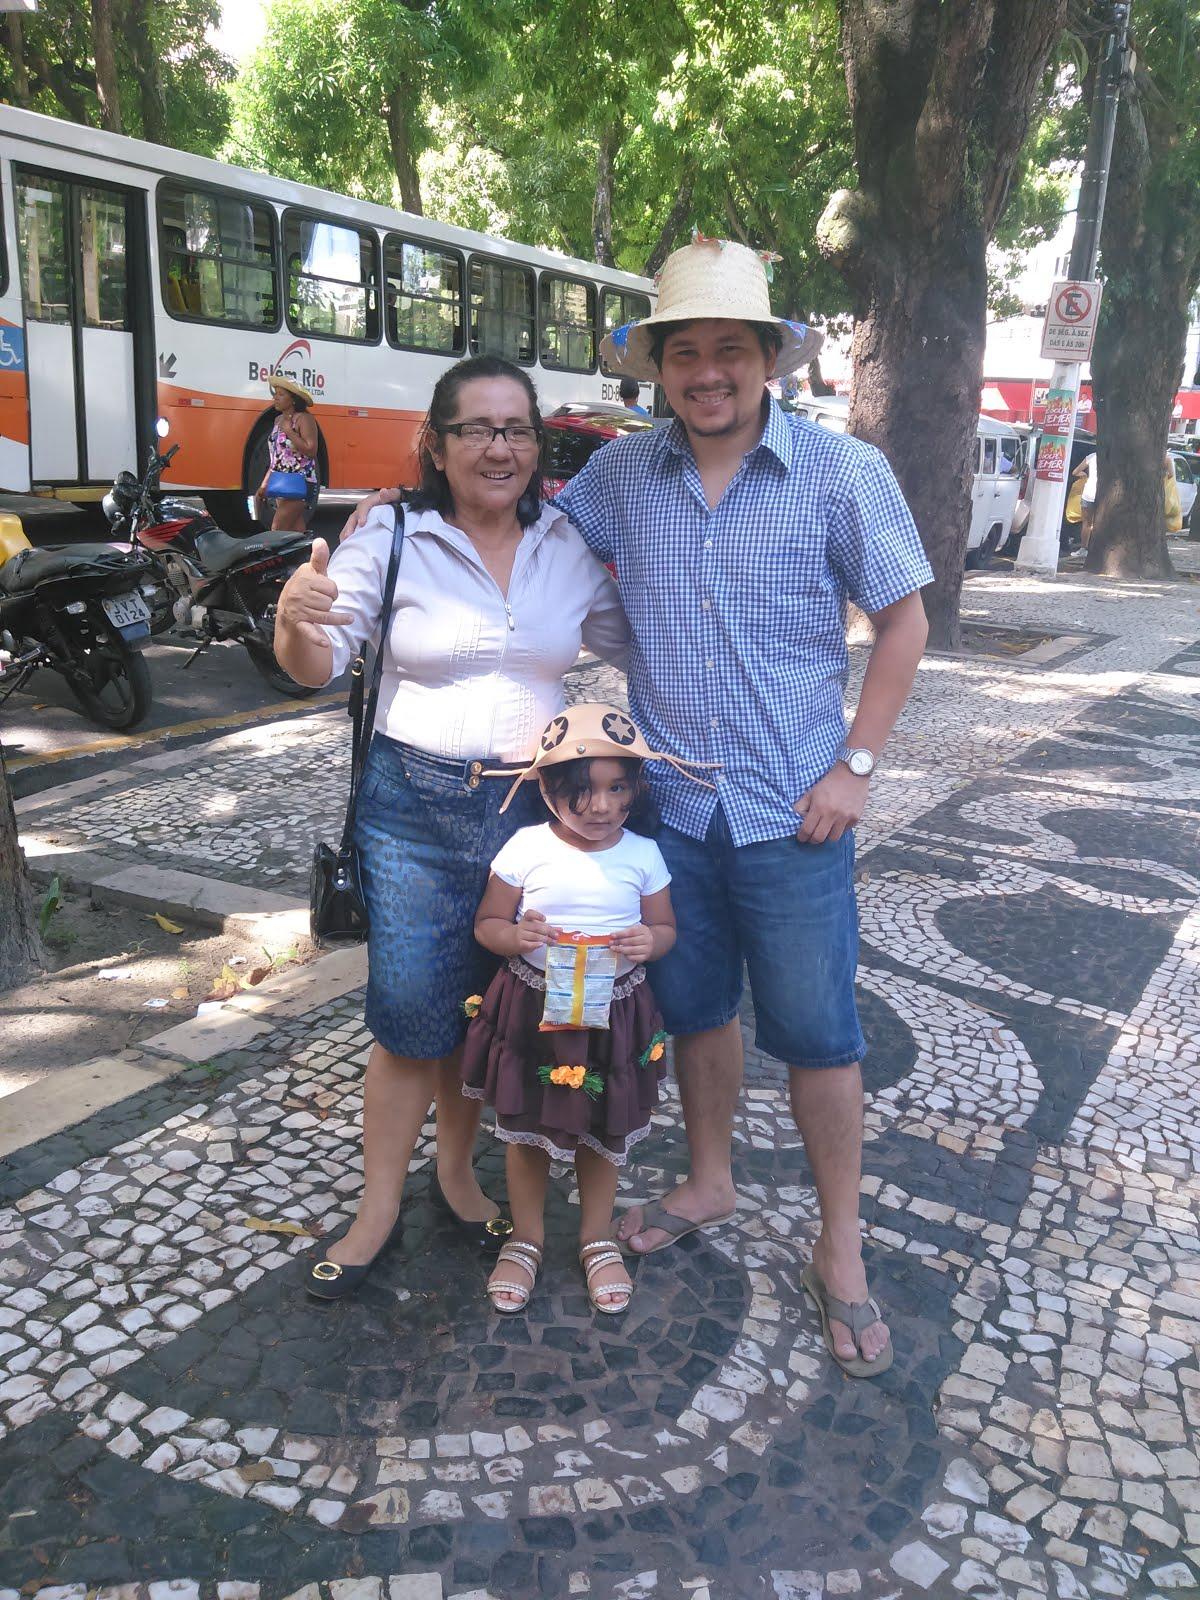 Eu e Meu Filho AdJúnior e a filha dele, a Minha neta Marina Nancy em Belém do Pará